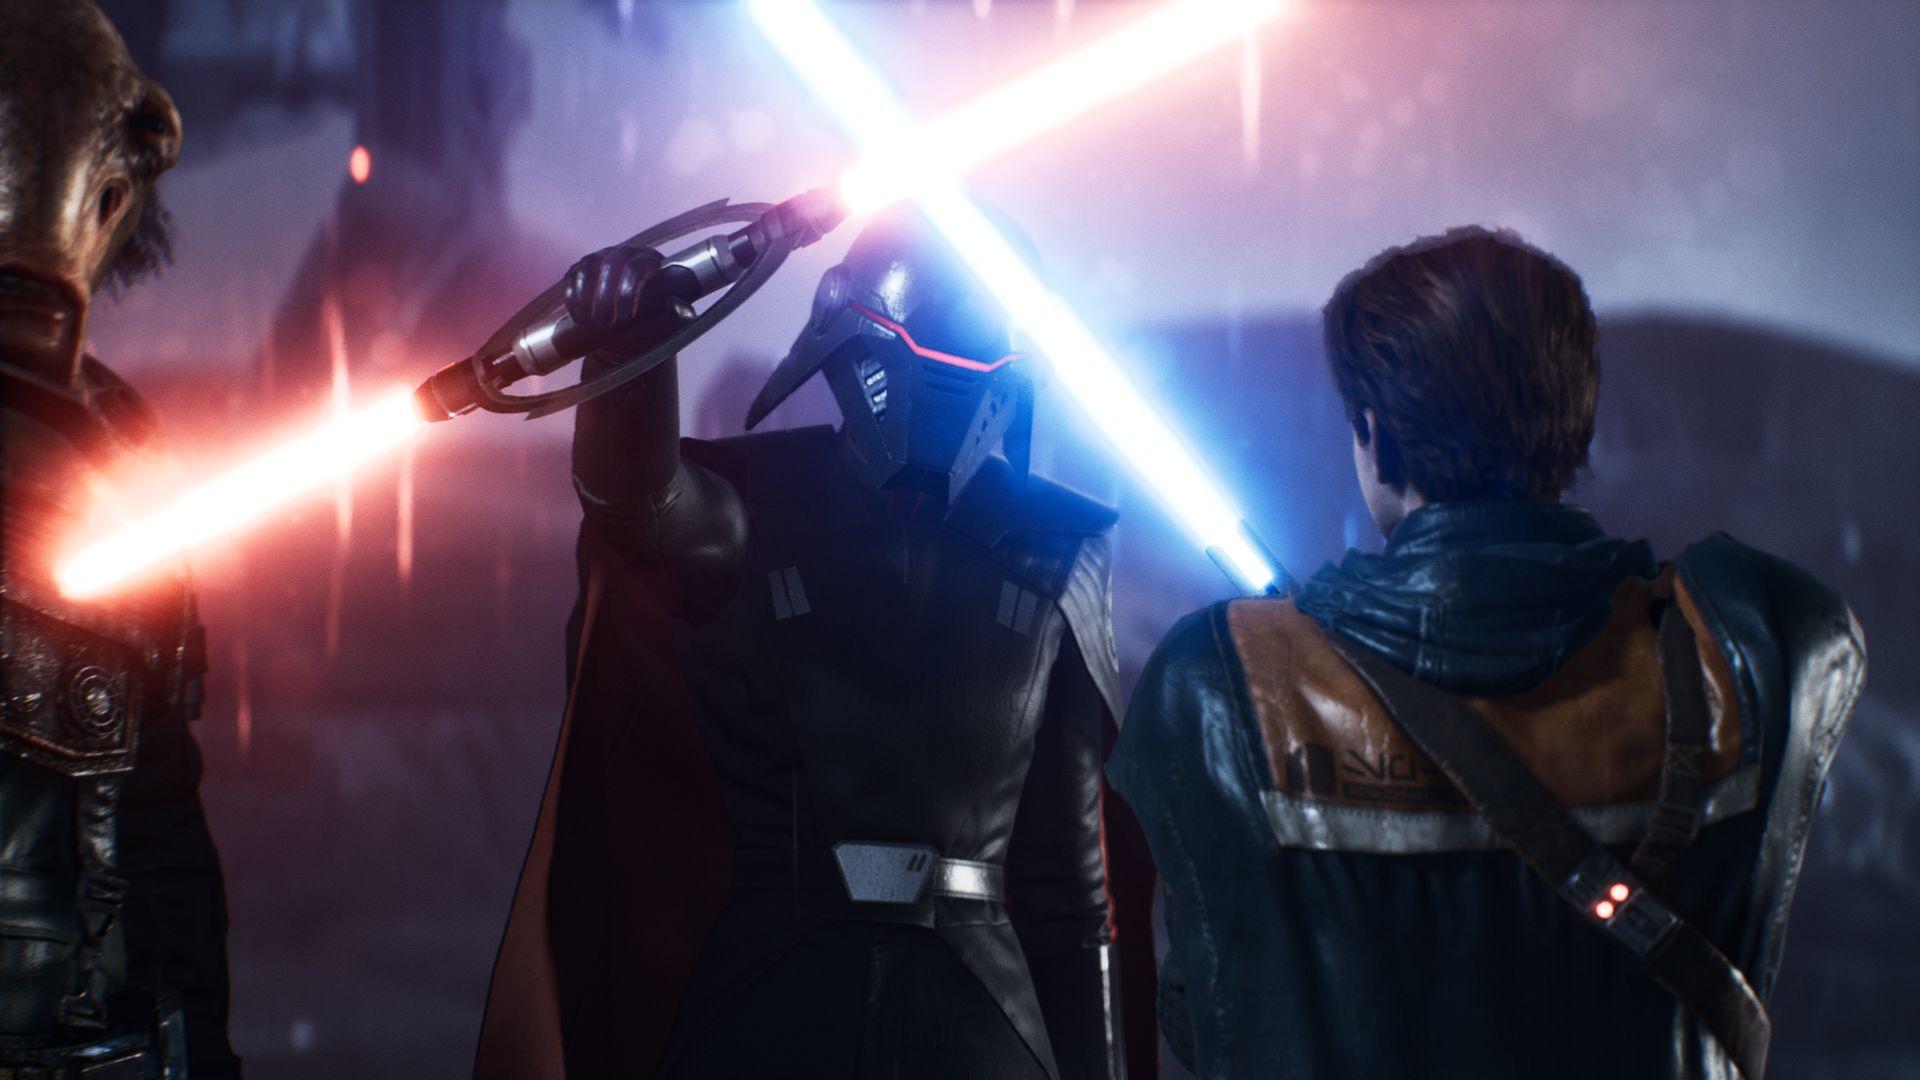 00078.Jpg - Star Wars Jedi: Fallen Order